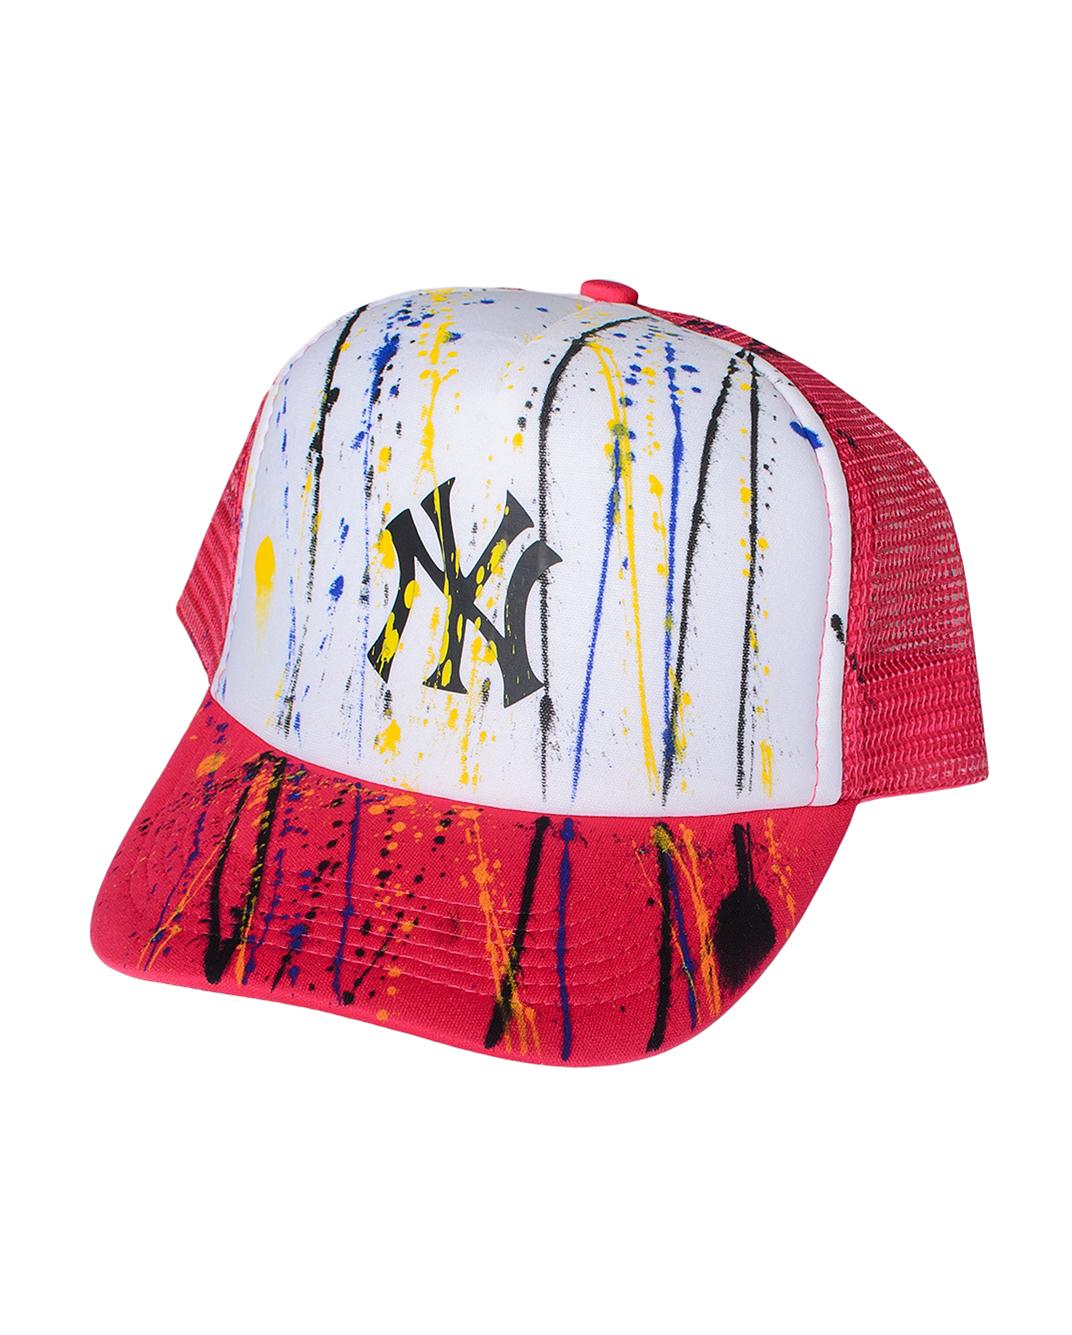 Ανδρικό Καπέλο NY-Φούξια αρχική αξεσουάρ καπέλα